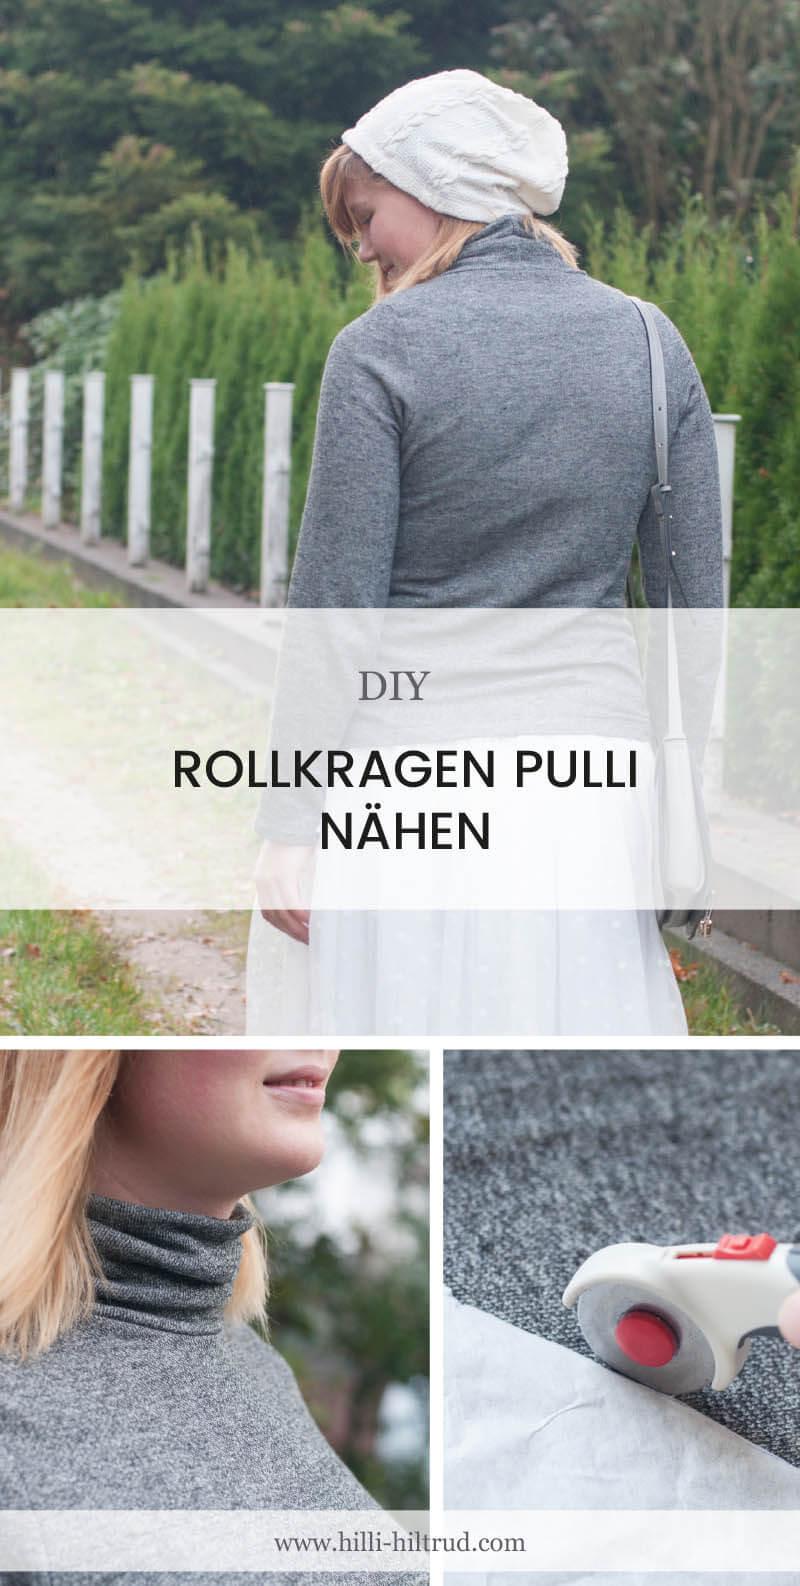 DIY Rollkragenpullover nähen - Tutorial Time • Hilli Hiltrud